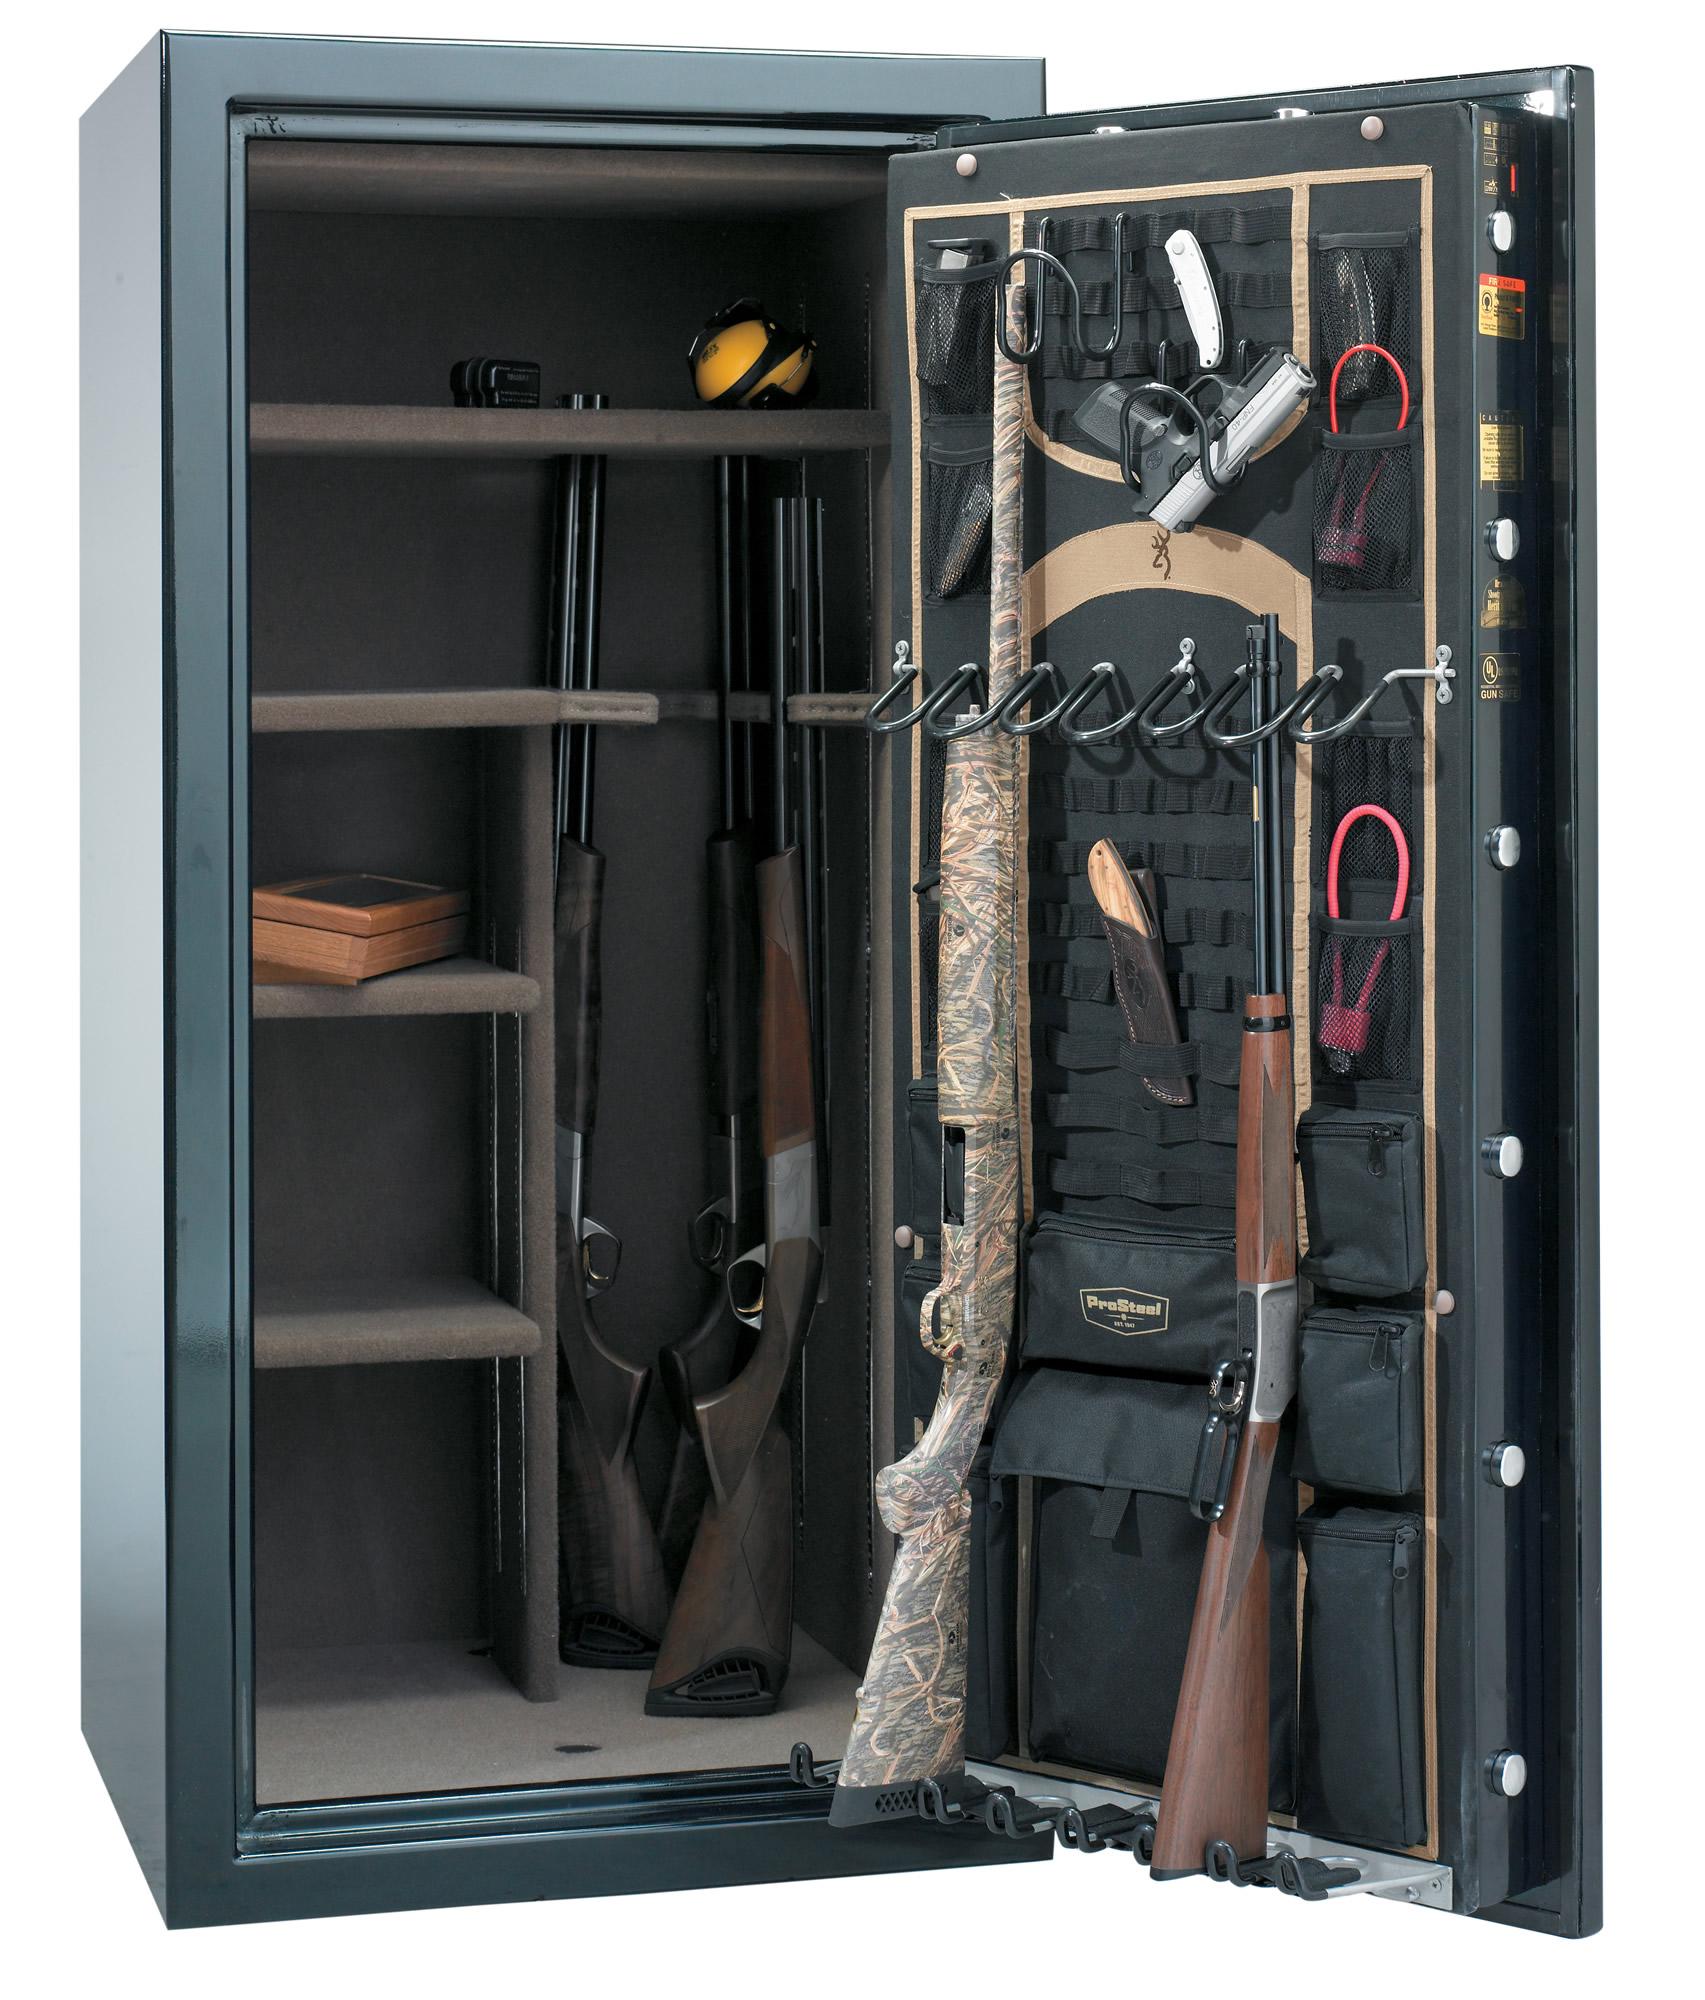 Как крепить сейф для хранения оружия глалкоствольного почти